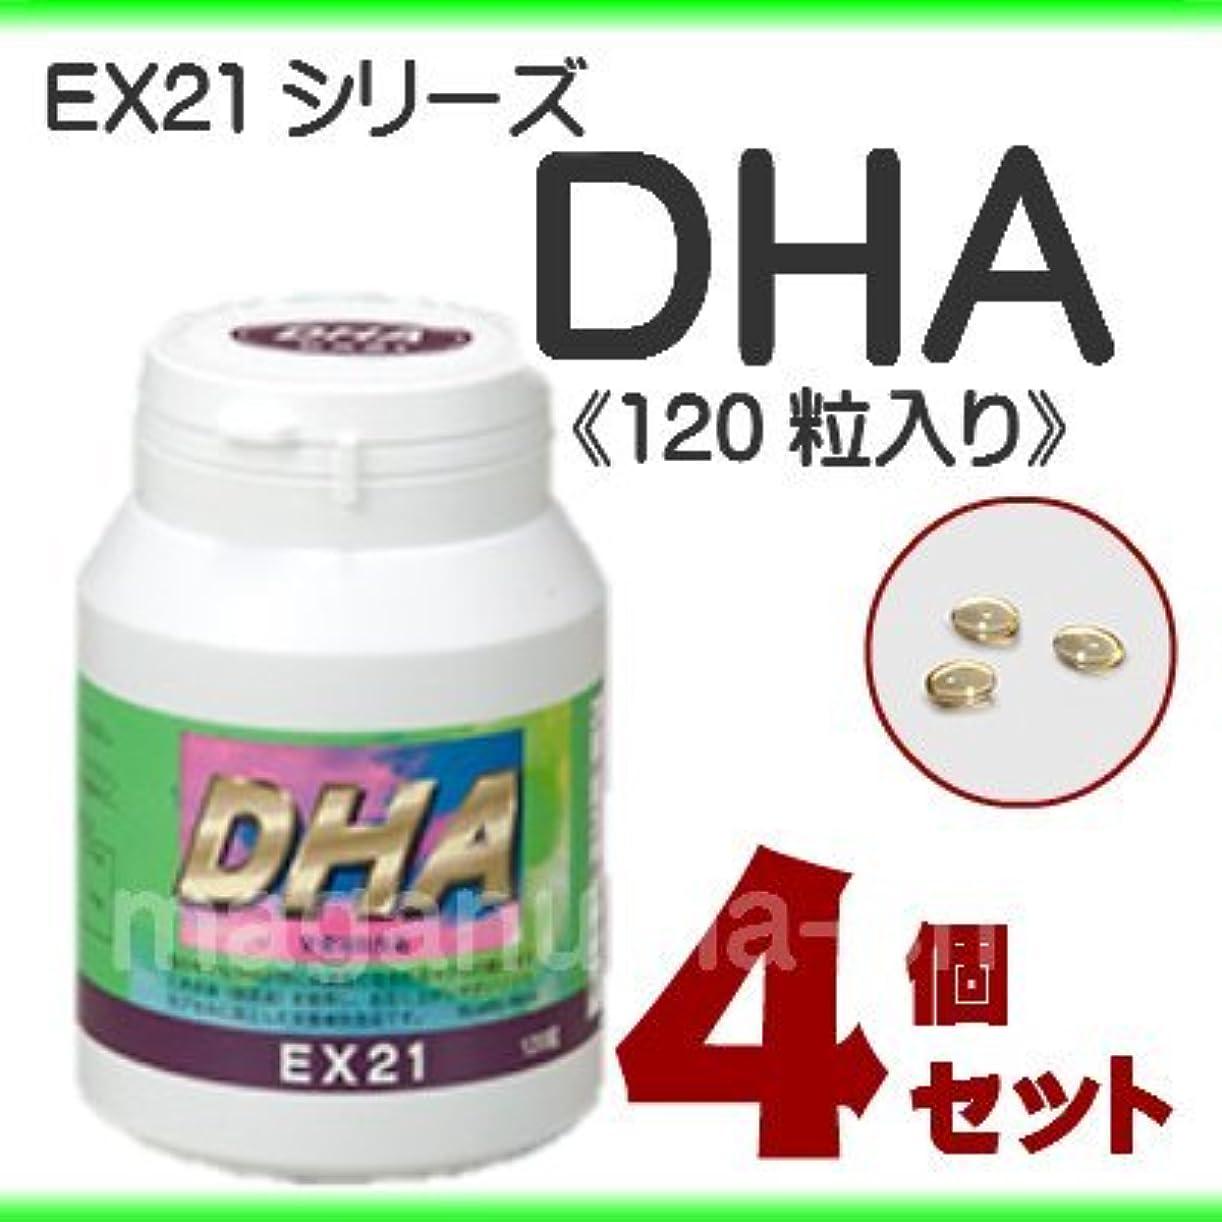 ニコチン検出器好色なEX21シリーズ DHA 4個セット